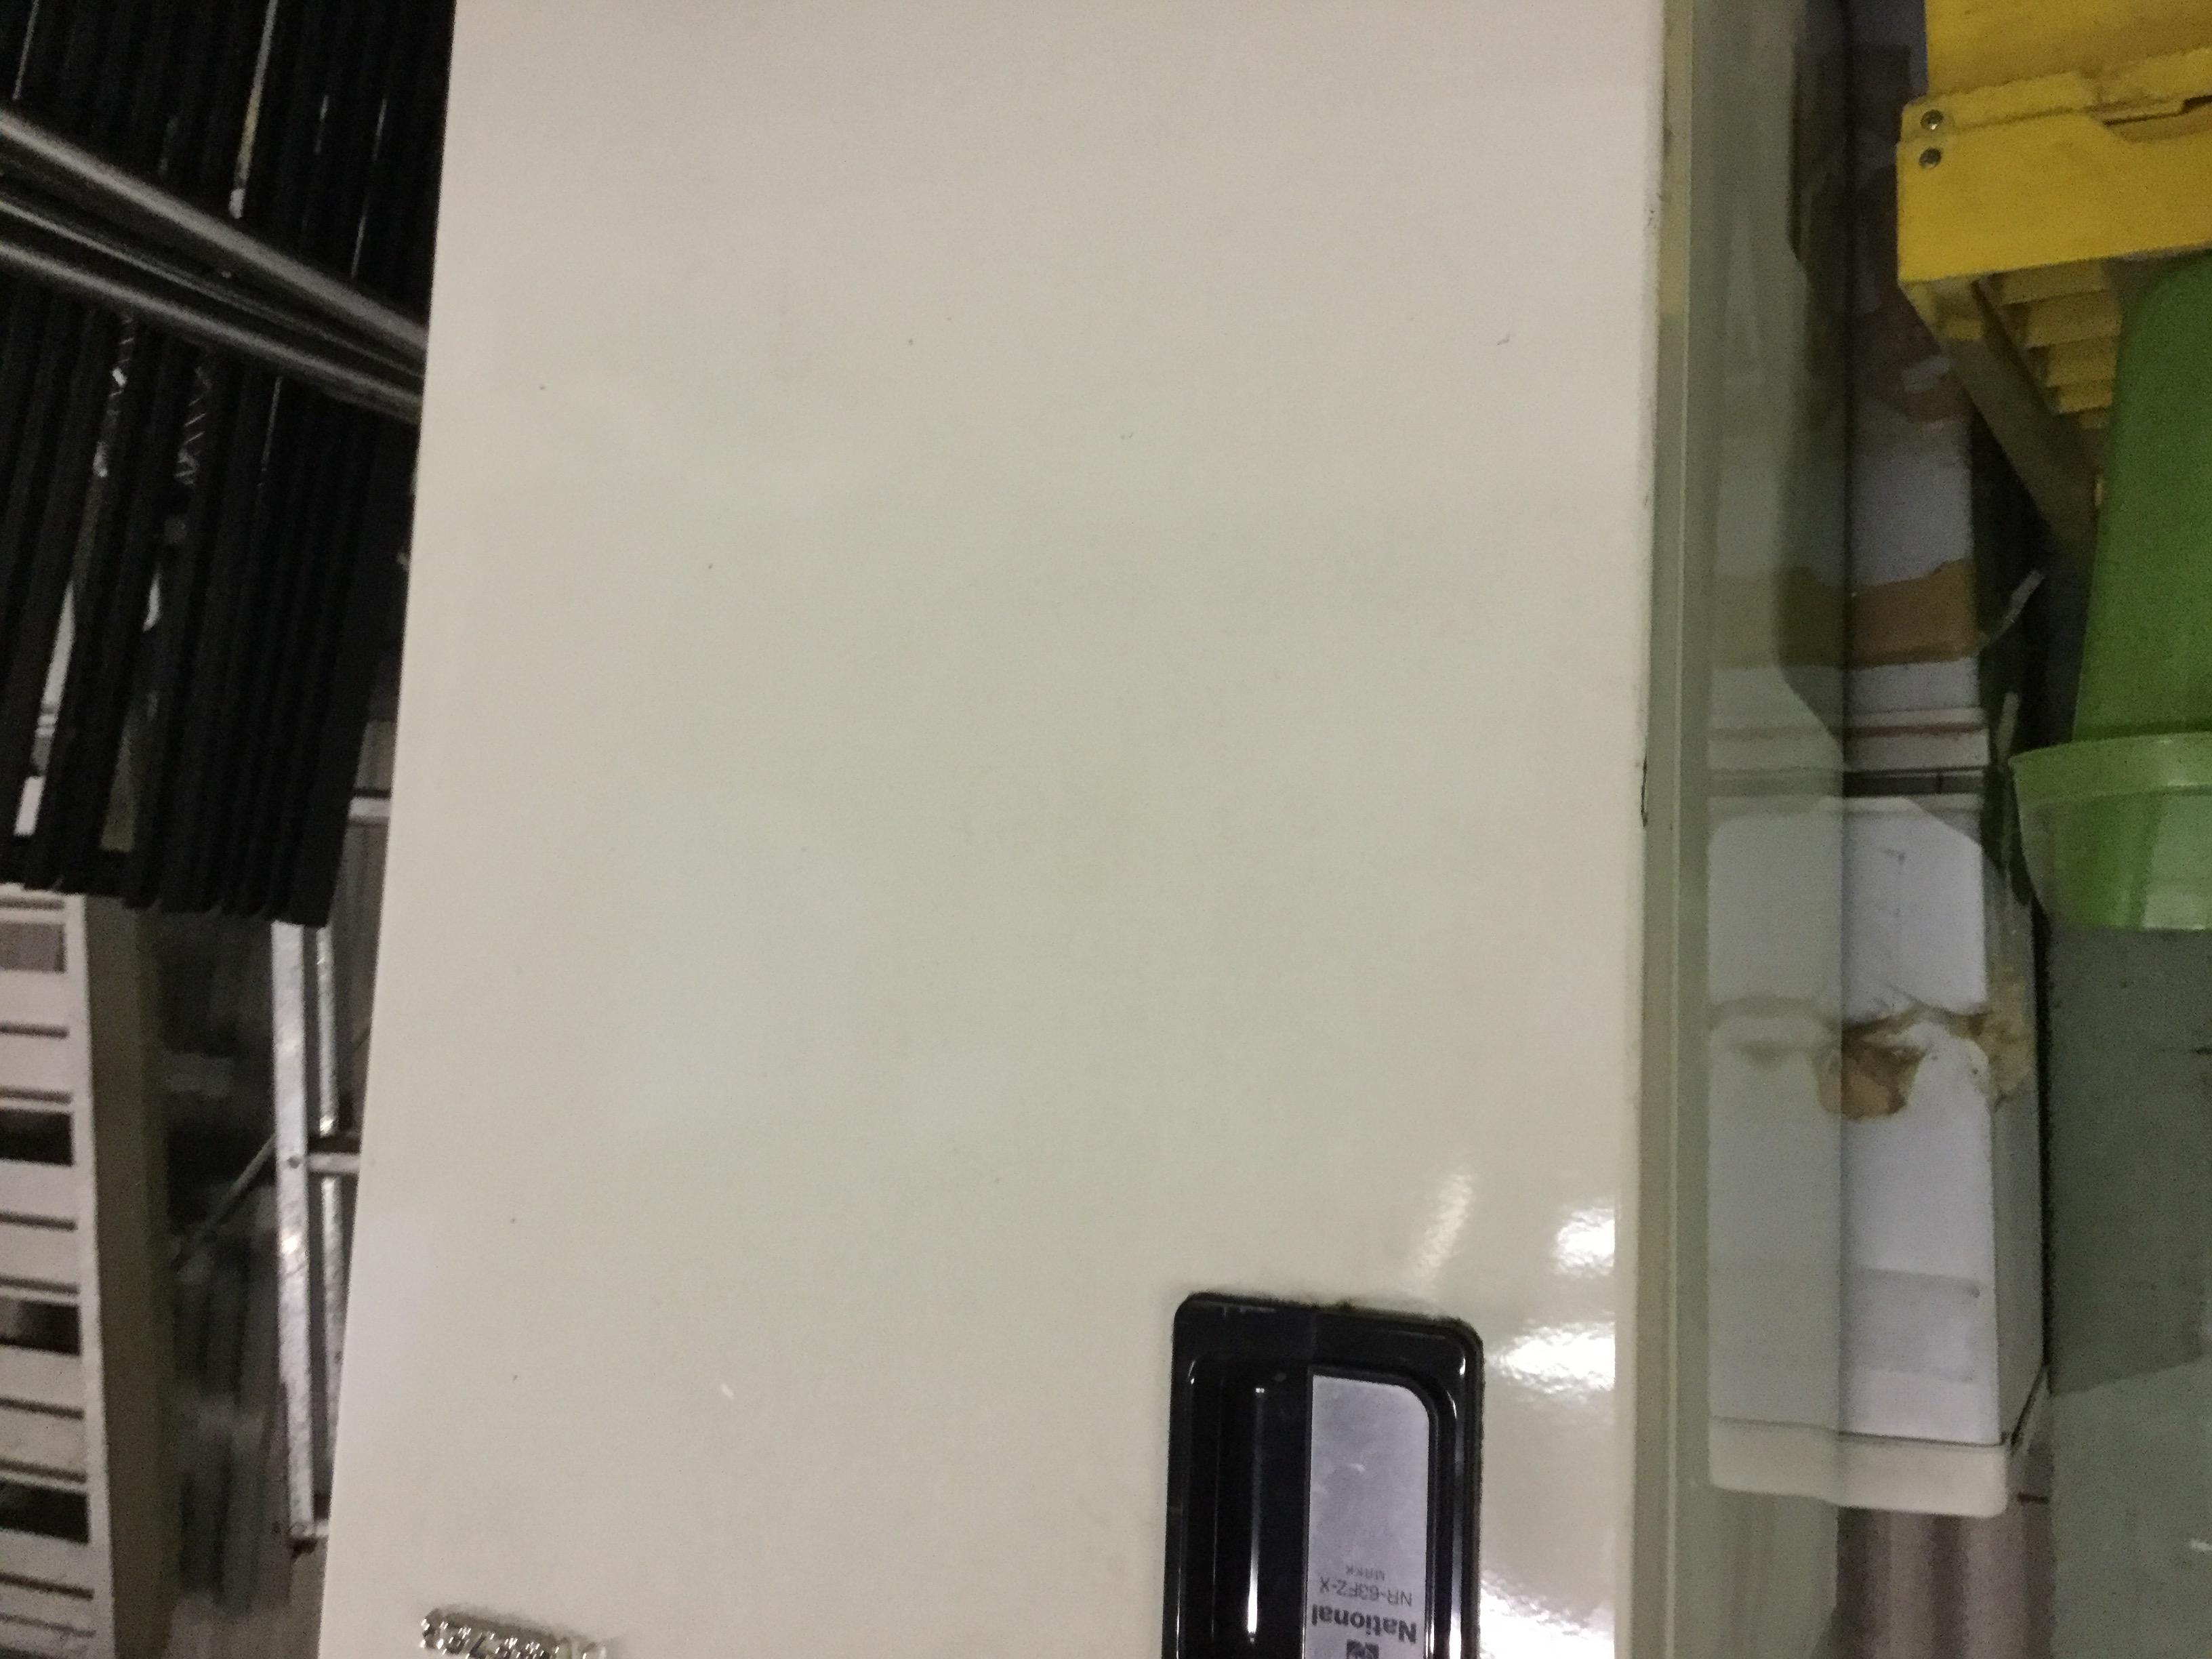 福山市郷分町付近で回収した冷蔵庫